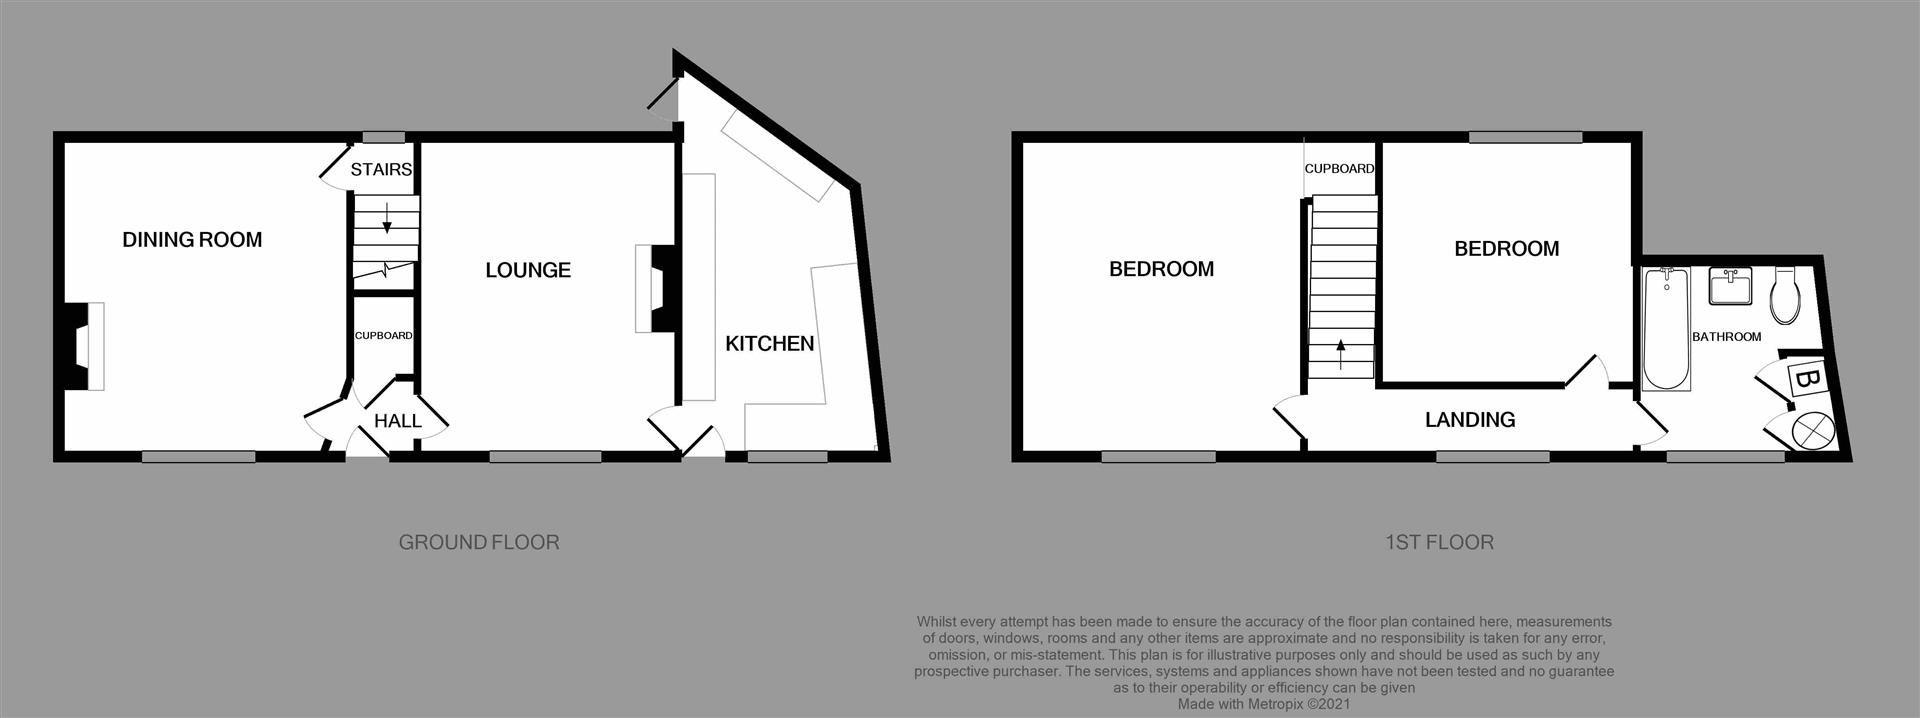 2 bed detached for sale - Property Floorplan